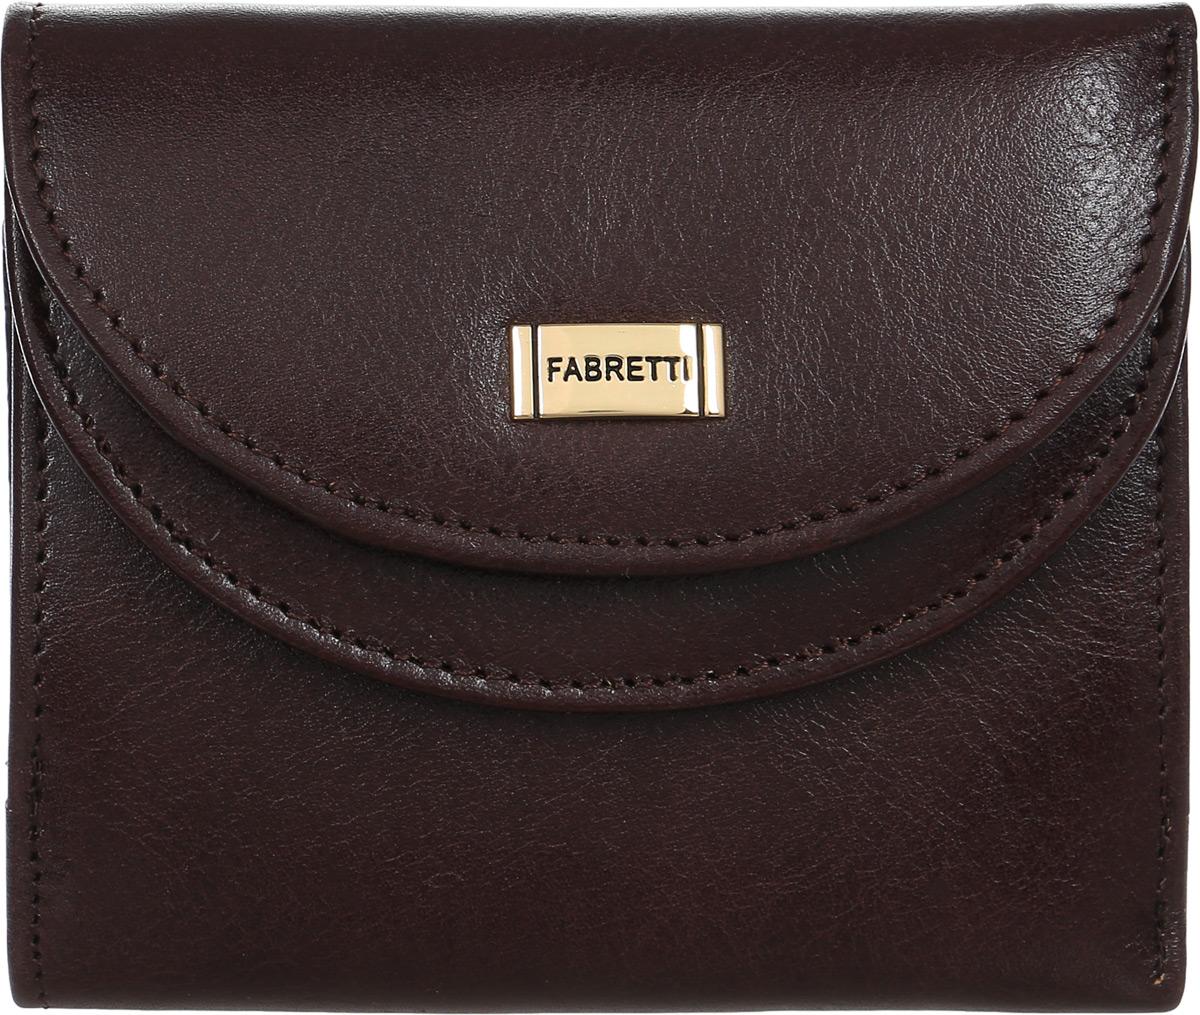 Кошелек женский Fabretti, цвет: красно-коричневый. FA007/1BM8434-58AEЭлегантный женский кошелек от итальянского бренда Fabretti выполнен из натуральной мягкой и гладкой кожи. Модный коричневый цвет и аккуратная фурнитура, выполненная под серебро, прибавляют дизайну модели утонченности и изысканности. На лицевой стороне расположен удобный карман для мелочи, который закрывается на застежку, и 2 отделения для кредитных карточек. Внутри имеются два вместительных отделения для купюр. Кошелек закрывается на заклепку.